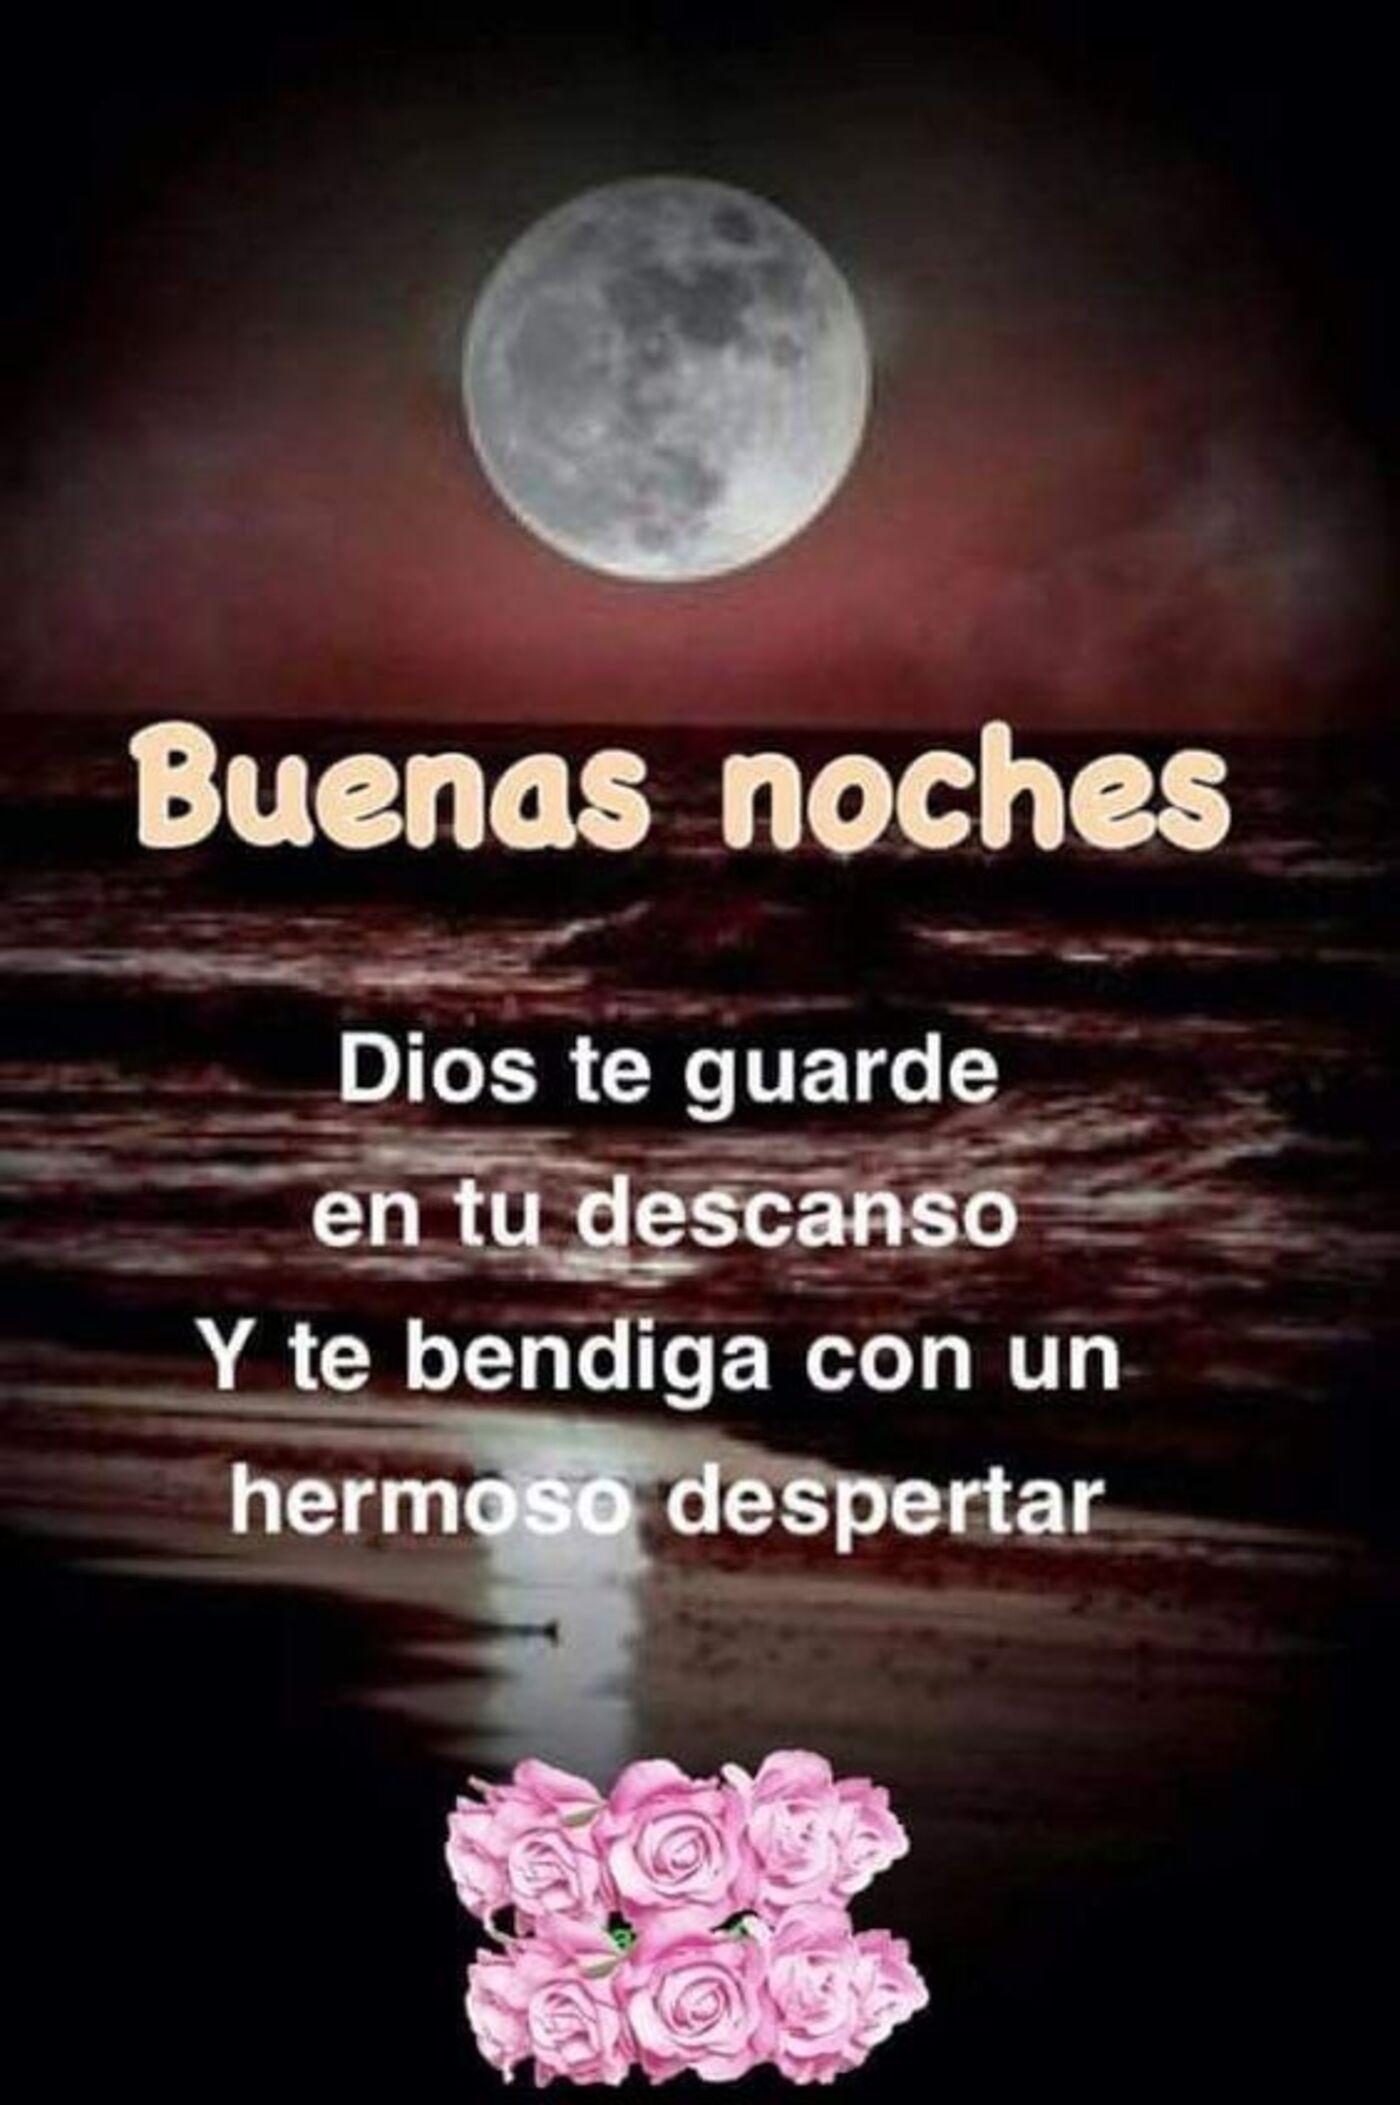 Buenas noches Dios te guarde en tu descanso y te bendiga con un hermoso despertar